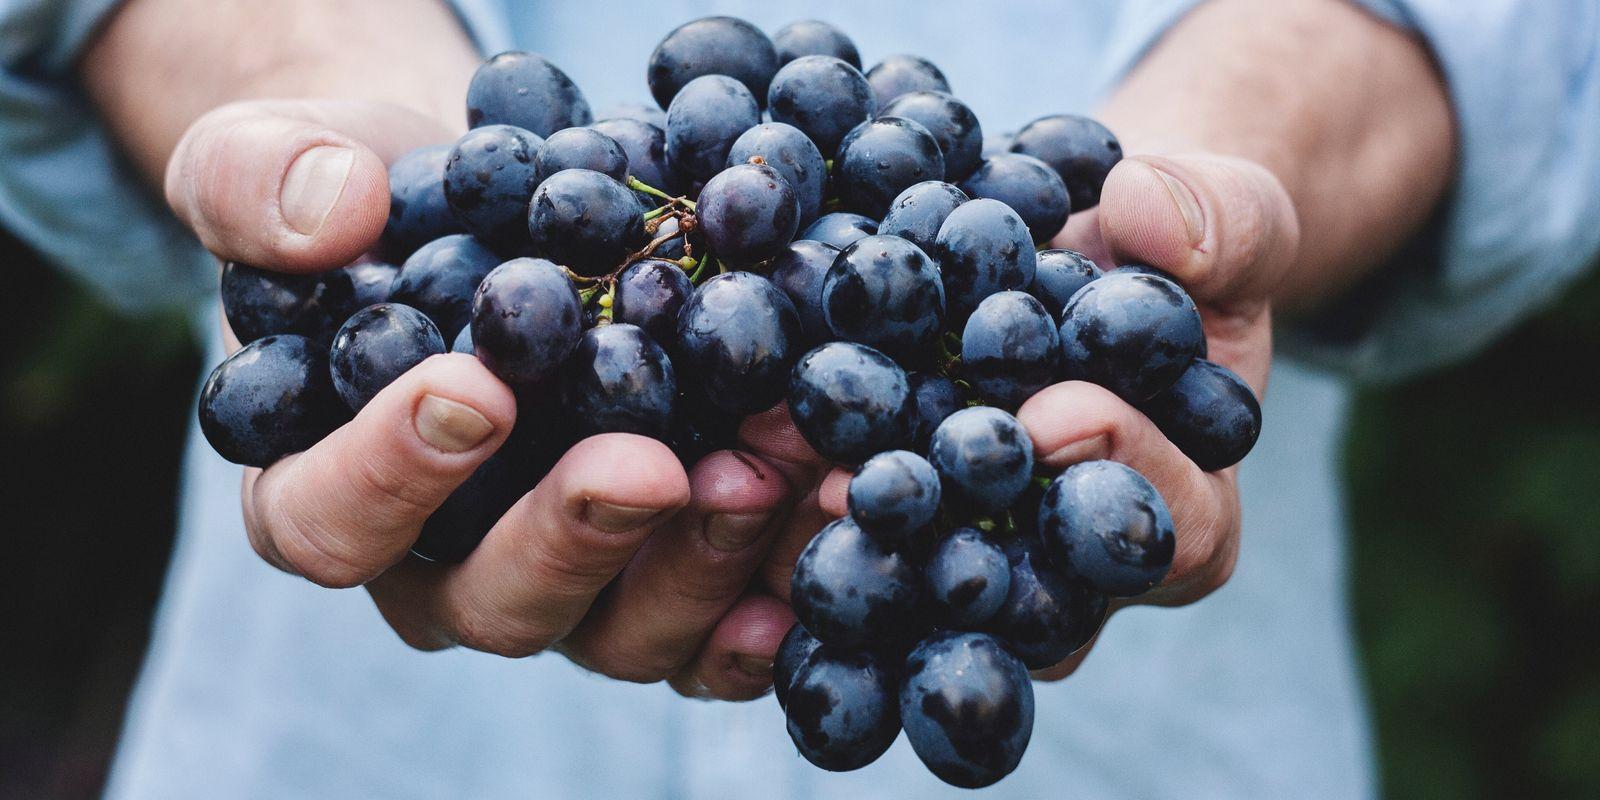 Hroznové víno a jeho úžasné účinky na zdraví